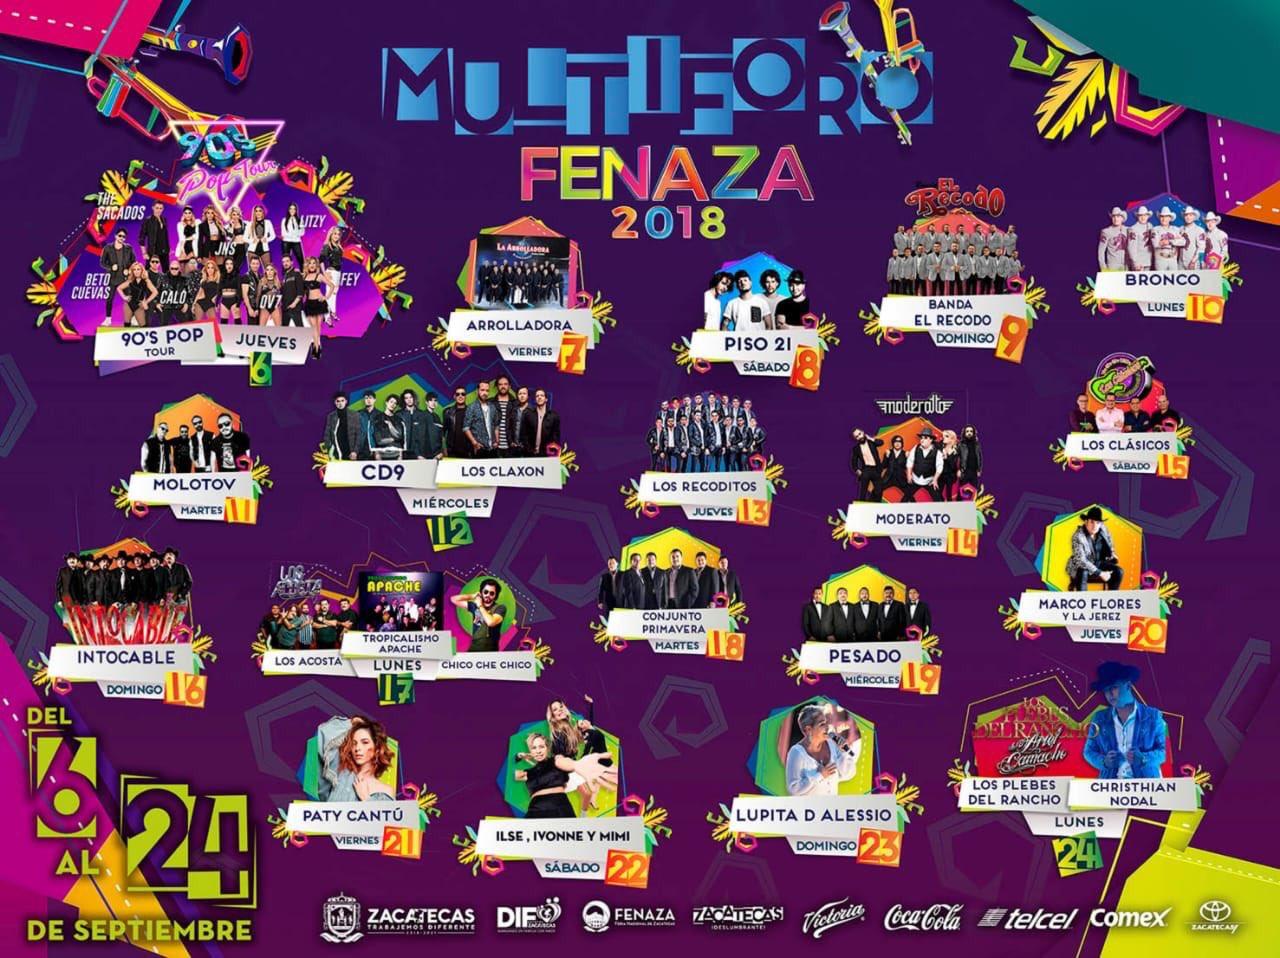 Cartelera Multiforo Fenaza 2018